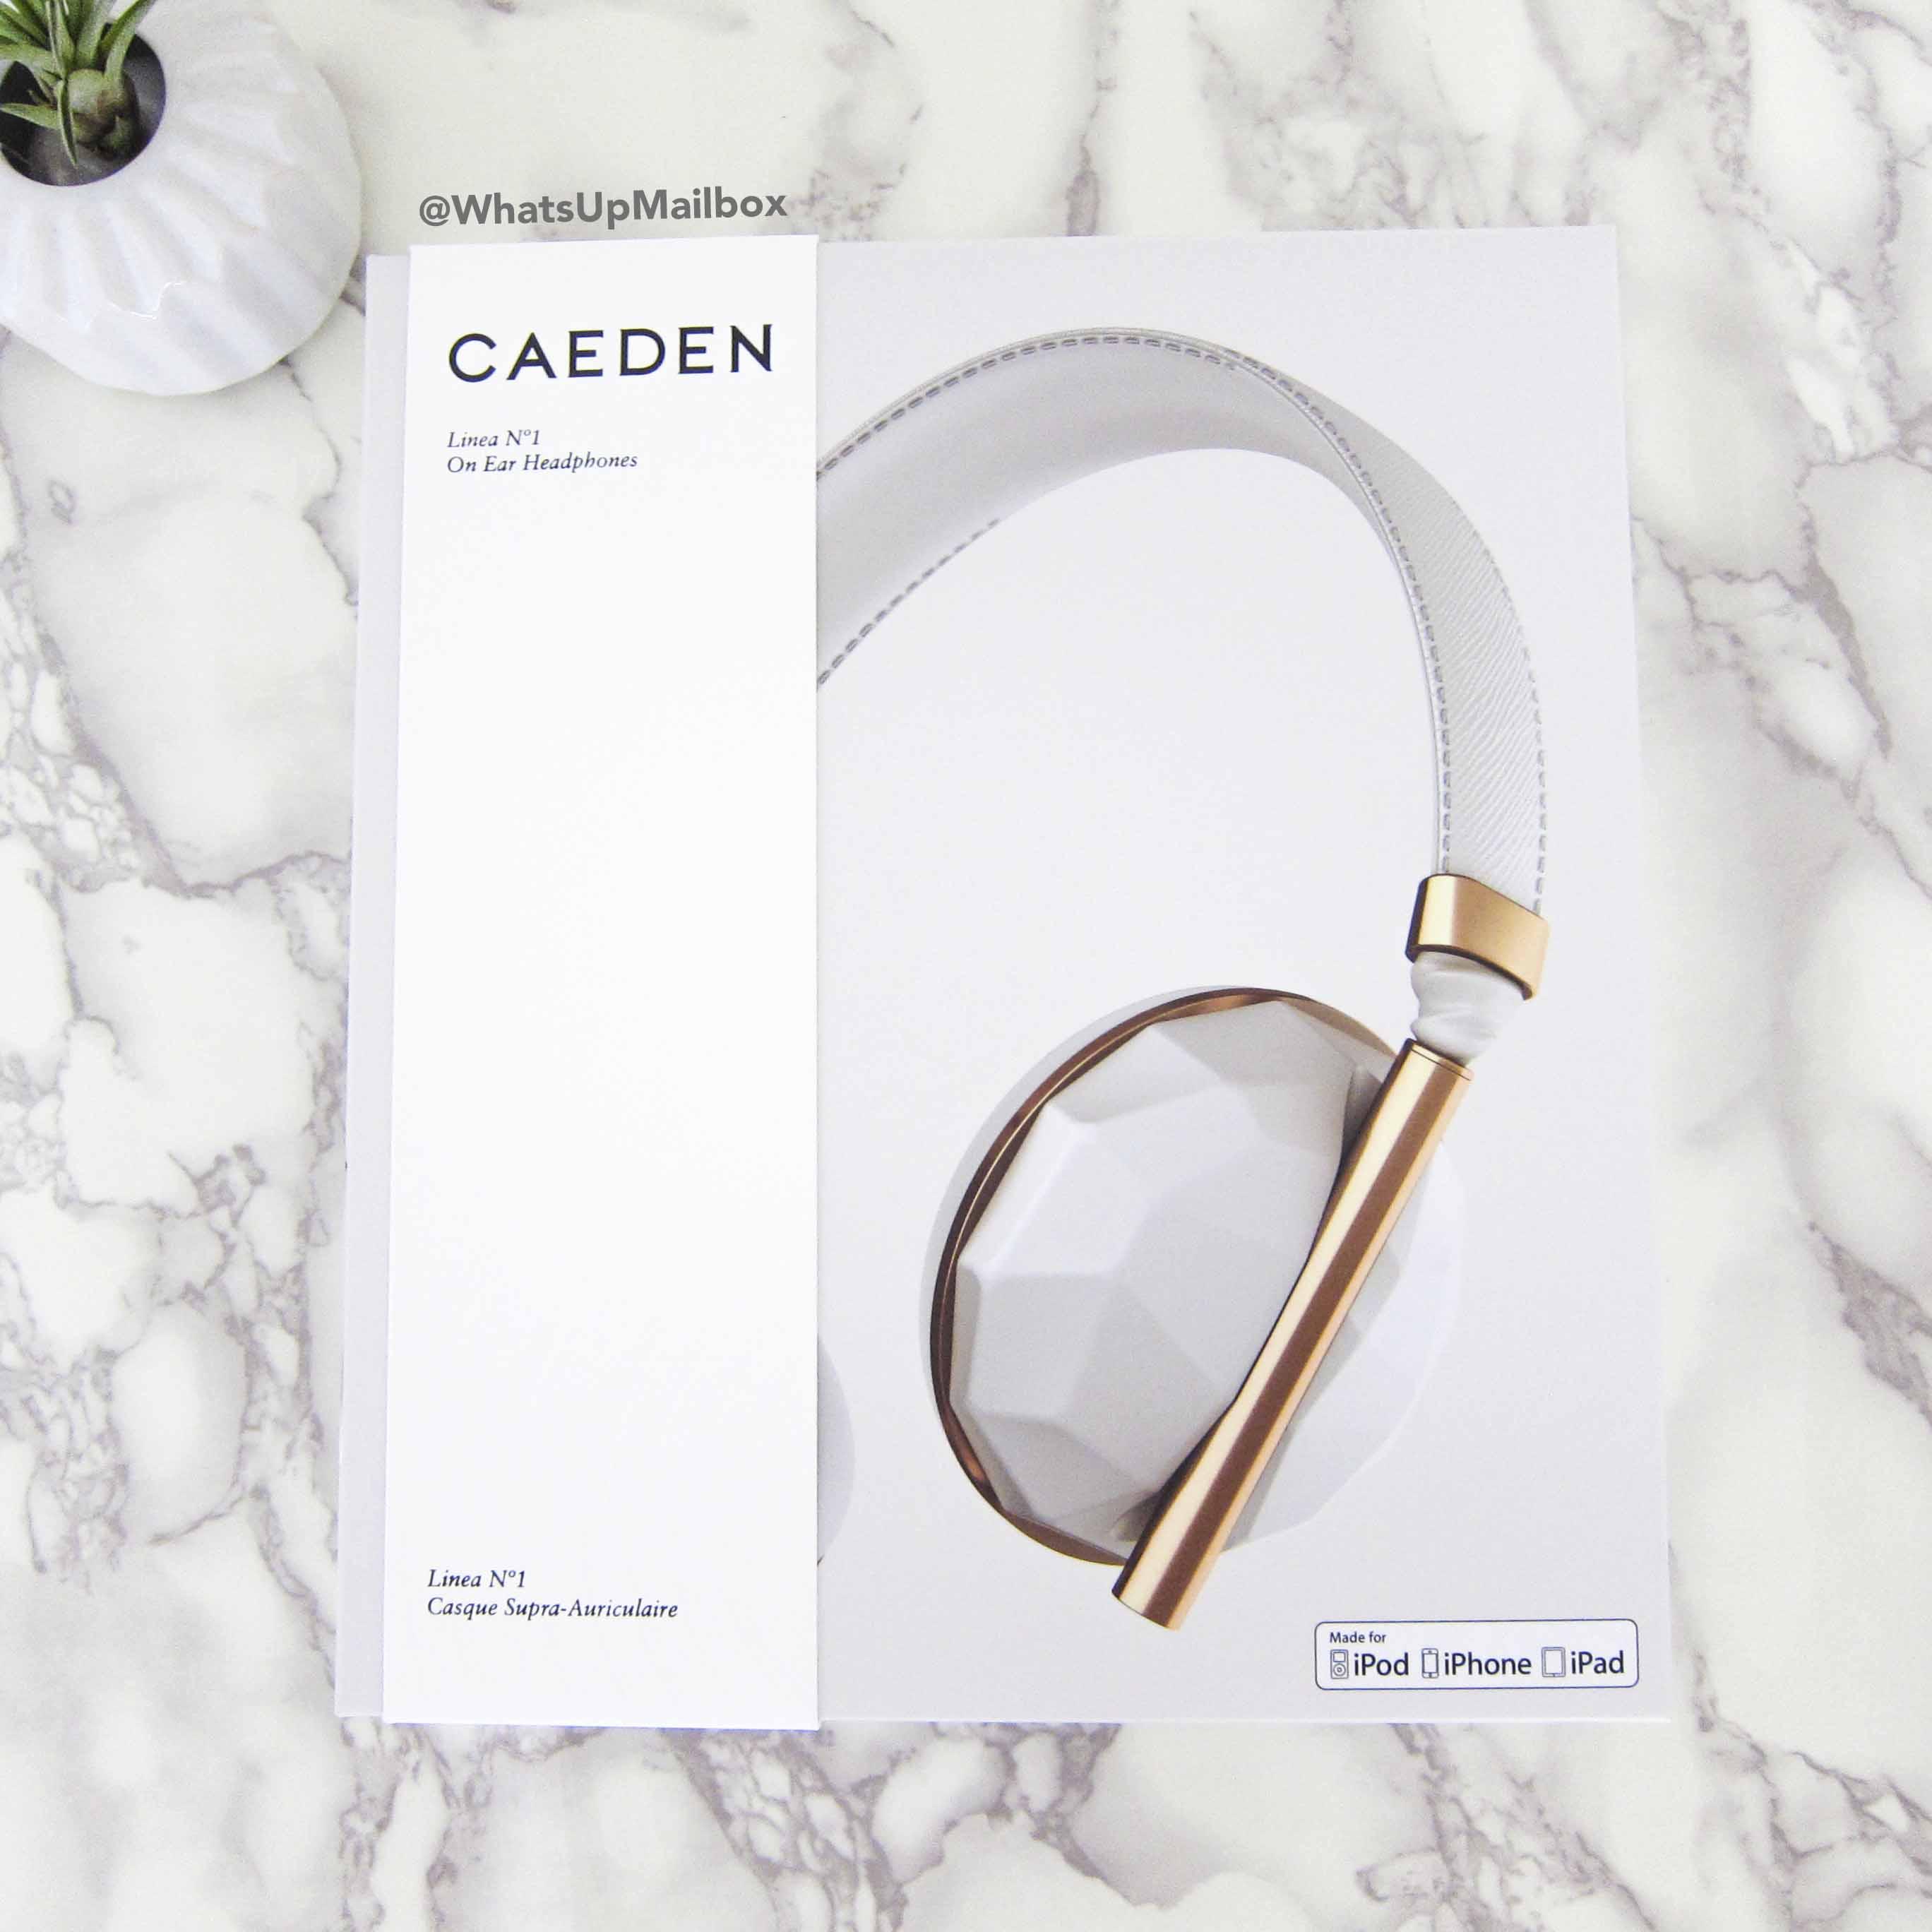 CAEDEN Linea No.1 Faceted Ceramic & Rose Gold Headphones